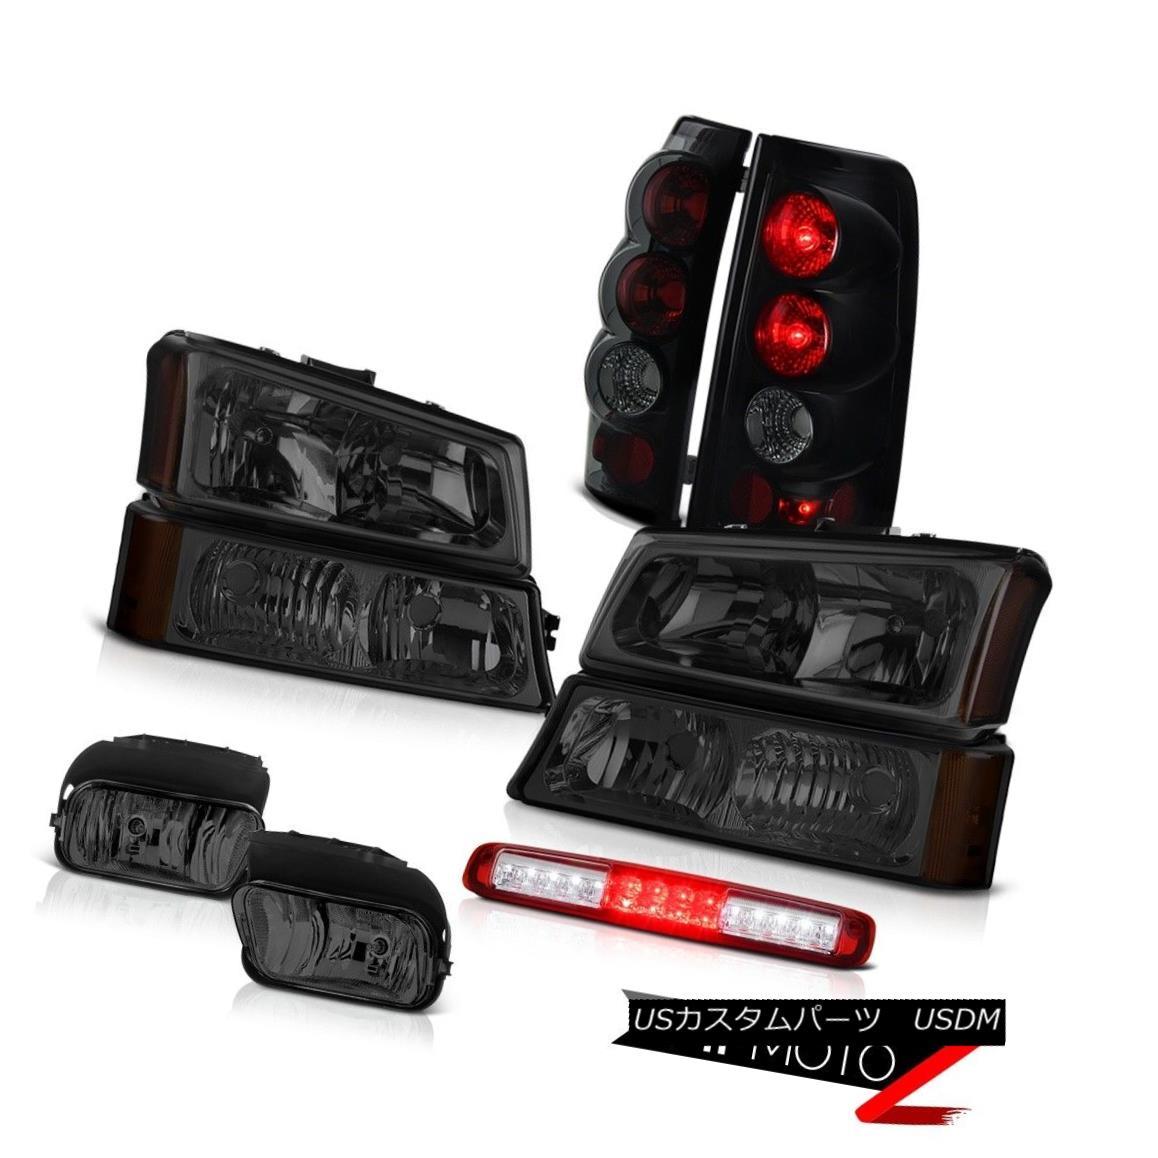 ヘッドライト 2003-2006 Silverado Foglamps Bumper Light Red Roof Brake Headlights Rear Lights 2003-2006 Silverado Foglampsバンパーライトレッドルーフブレーキヘッドライトリアライト